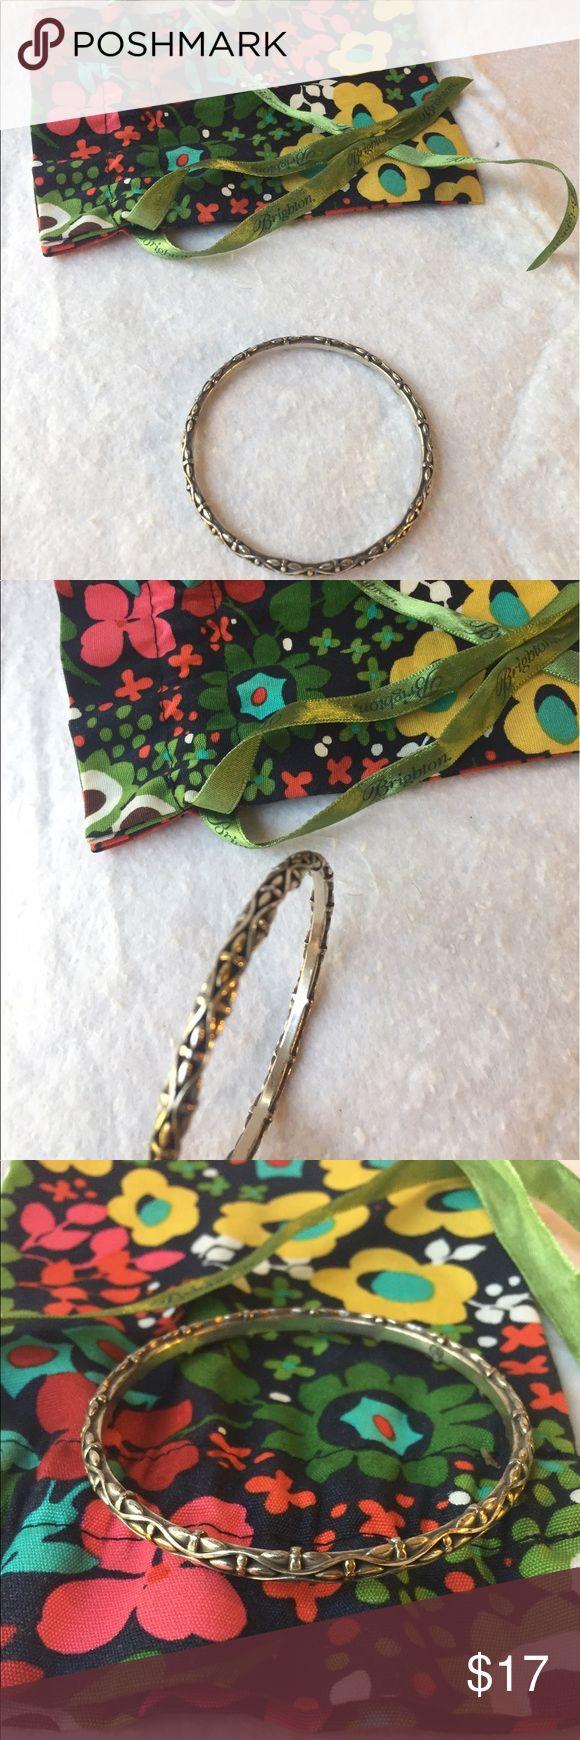 Brighton Silver & Gold Bangle Brighton Silver & Gold Bangle Brighton Jewelry Bracelets